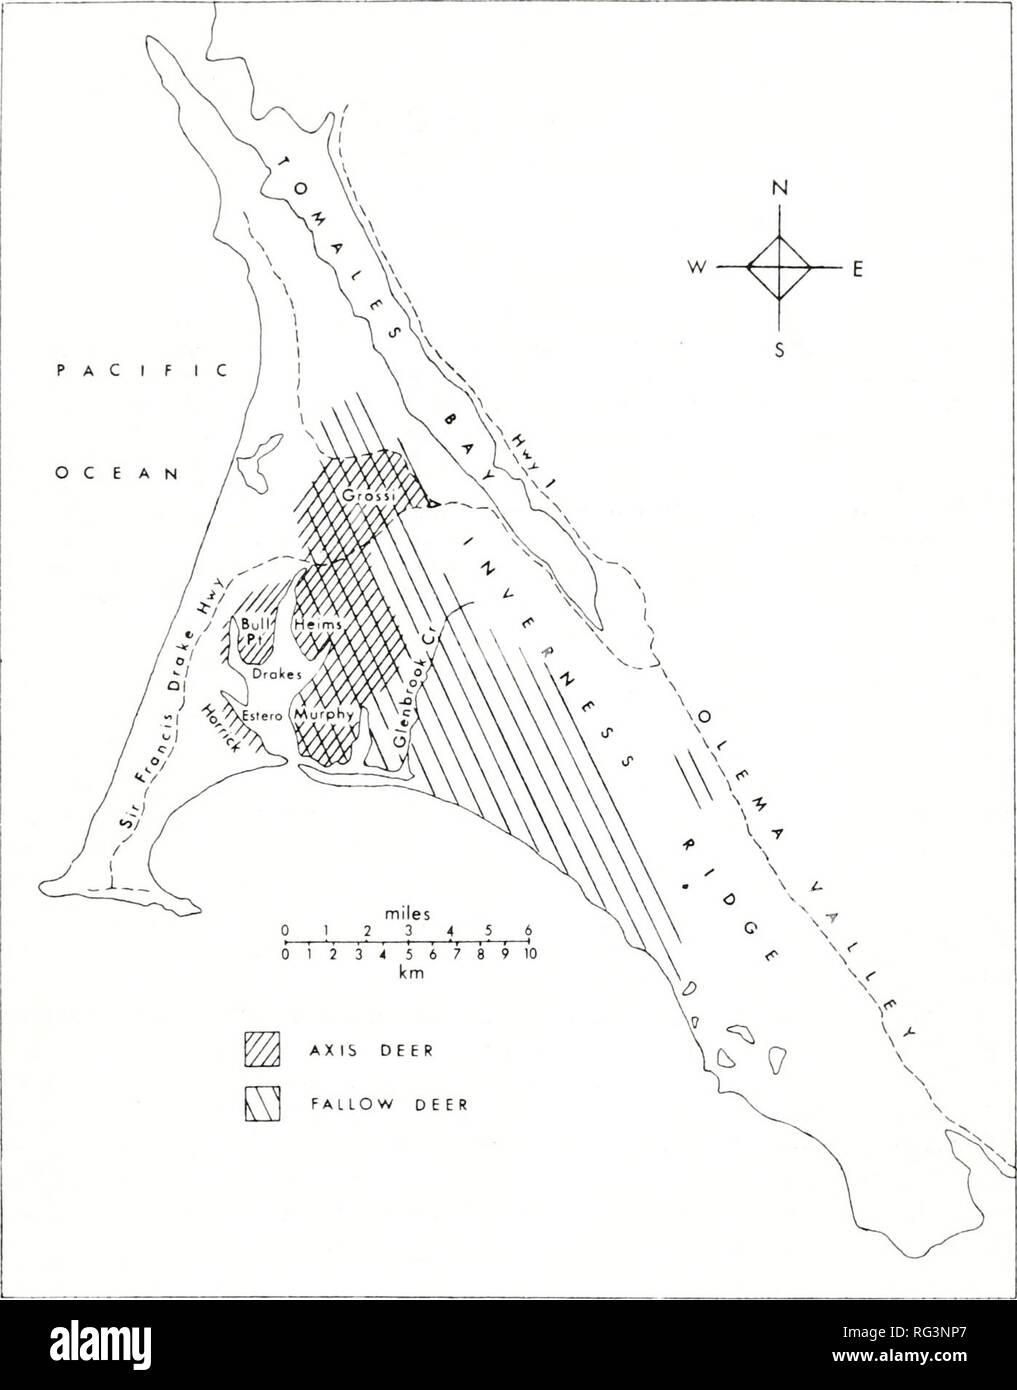 . California a base di pesce e selvaggina. Pesca -- California; gioco e gioco-uccelli -- California; Pesci -- California; popolazione animale gruppi; Pêches; Gibier; Poissons. Esotiche popolazioni di cervo al punto REYES 133. La figura 1. Gli intervalli di daini e cervi asse su Point Reyes National Seashore. Il pascolo di bestiame si verifica nella parte occidentale e la parte settentrionale del National Seashore; il suo confine orientale coincide con quella dell'asse deer gamma. I nomi di località fare riferimento alla famiglia nomi associati con i ranch. La precipitazione si verifica anche in forma di nebbia di avvezione, in particolare in estate. Questa nebbia, nonché fr Foto Stock